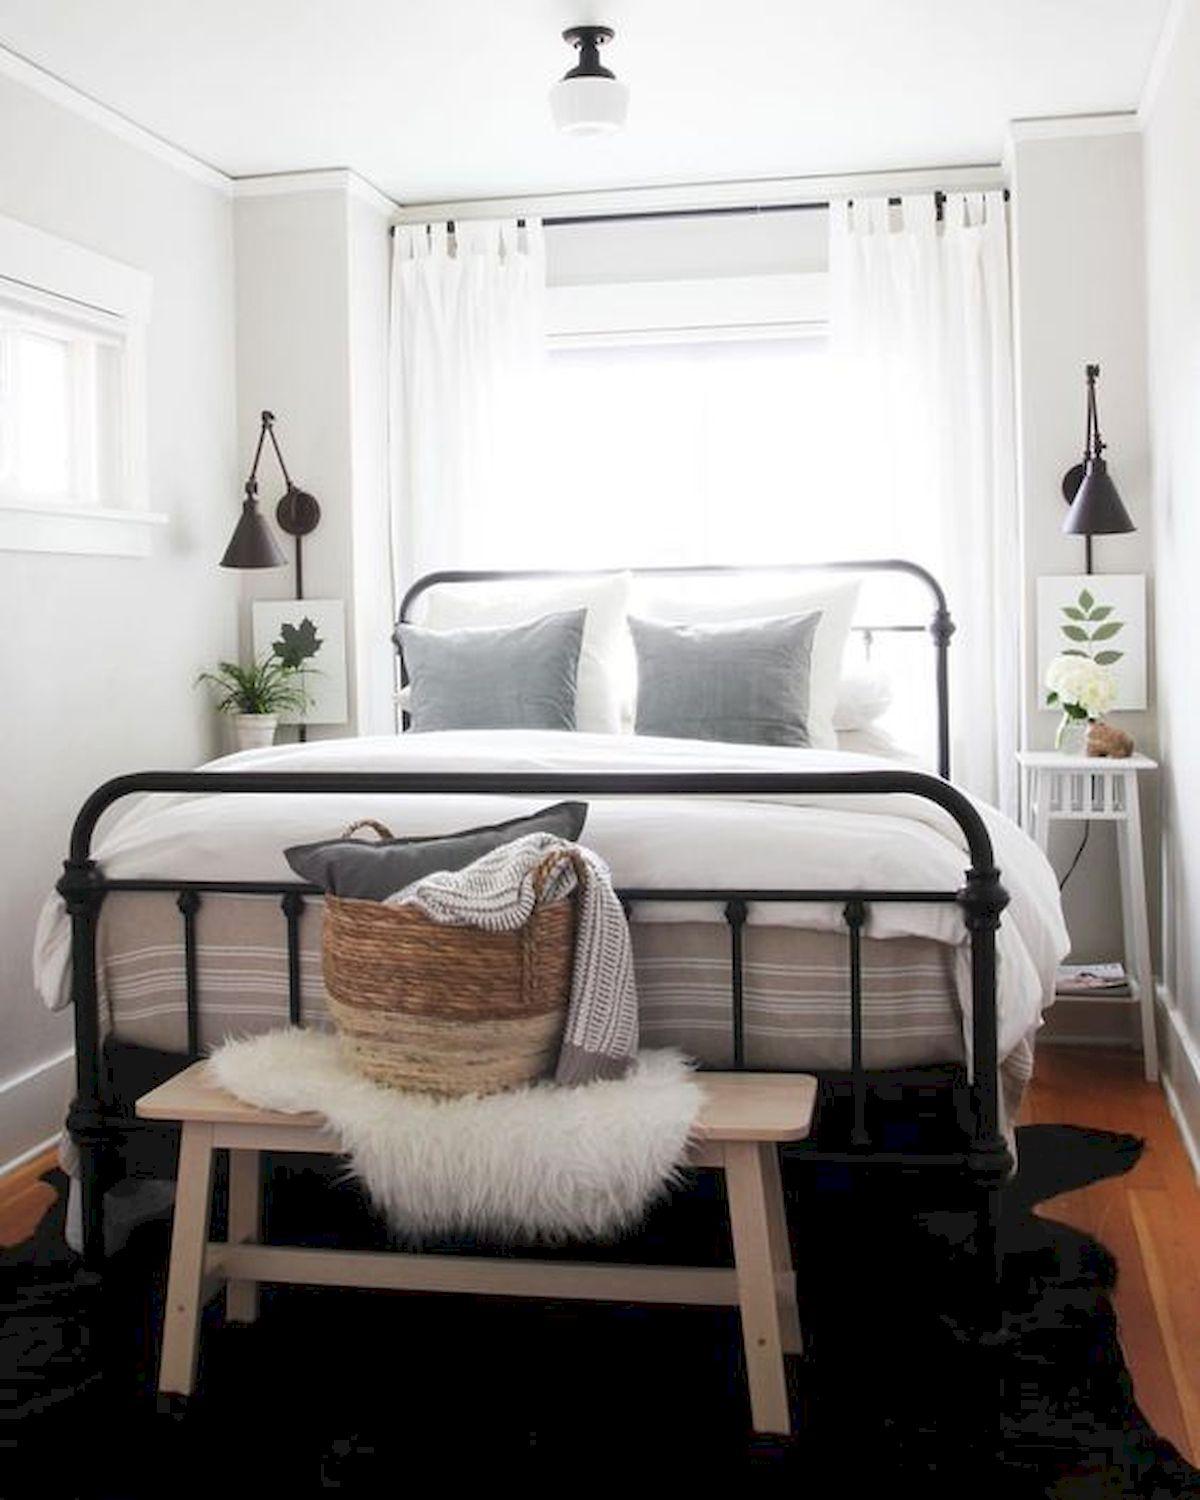 Mách bạn 10 mẹo khuếch đại không gian phòng ngủ nhỏ - Ảnh 4.